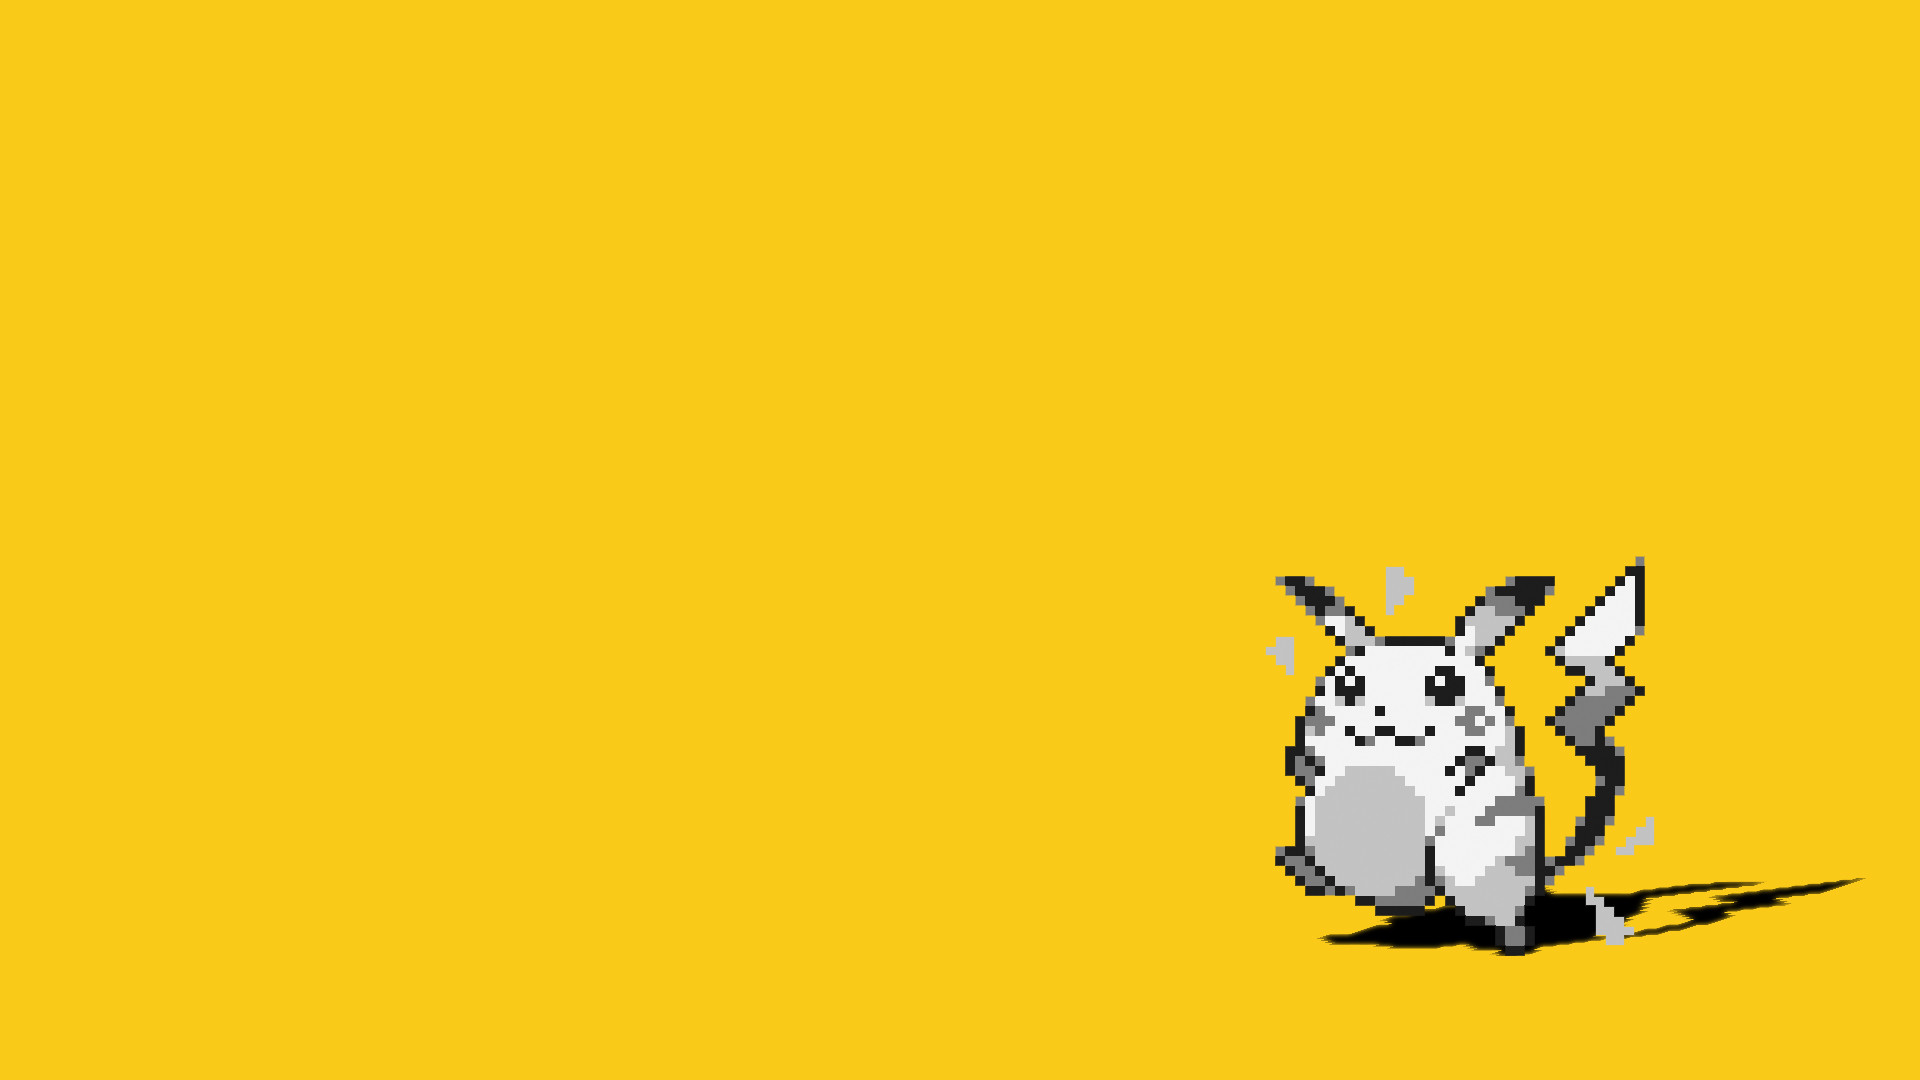 Hình nền màu vàng và Pikachu cực đẹp